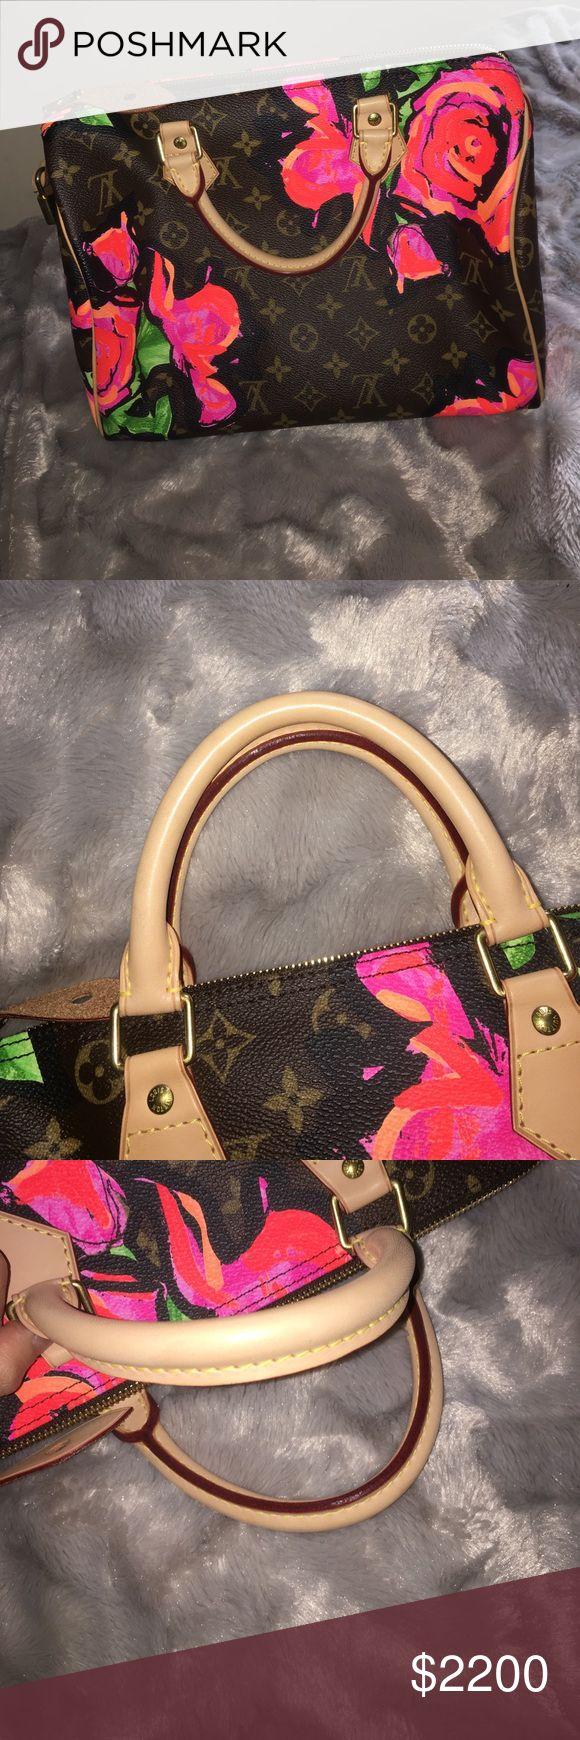 Spotted while shopping on Poshmark: Louis Vuitton Stephen Sprouse Roses Speedy! #poshmark #fashion #shopping #style #Louis Vuitton #Handbags